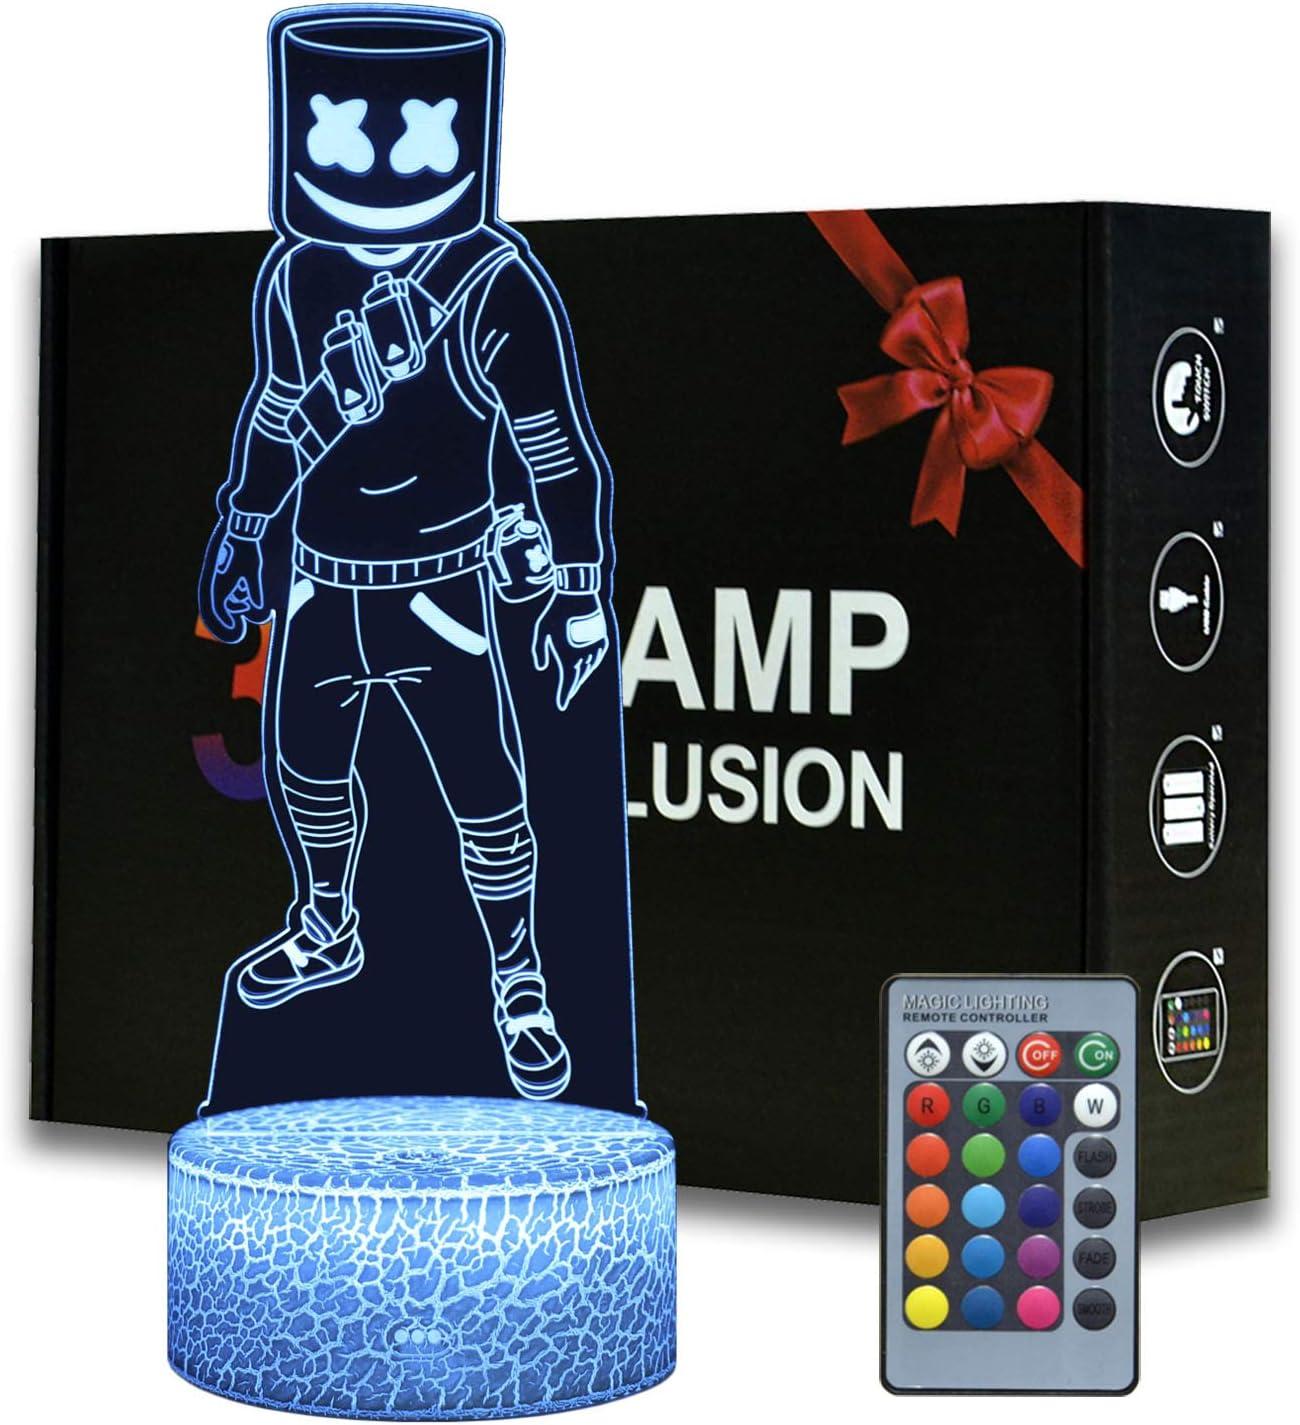 Magiclux 3D Illusion Battle Royale Luz de noche, temática de juego lámpara de mesa con mando a distancia para decoración de dormitorio, lámpara de escritorio creativa para cumpleaños